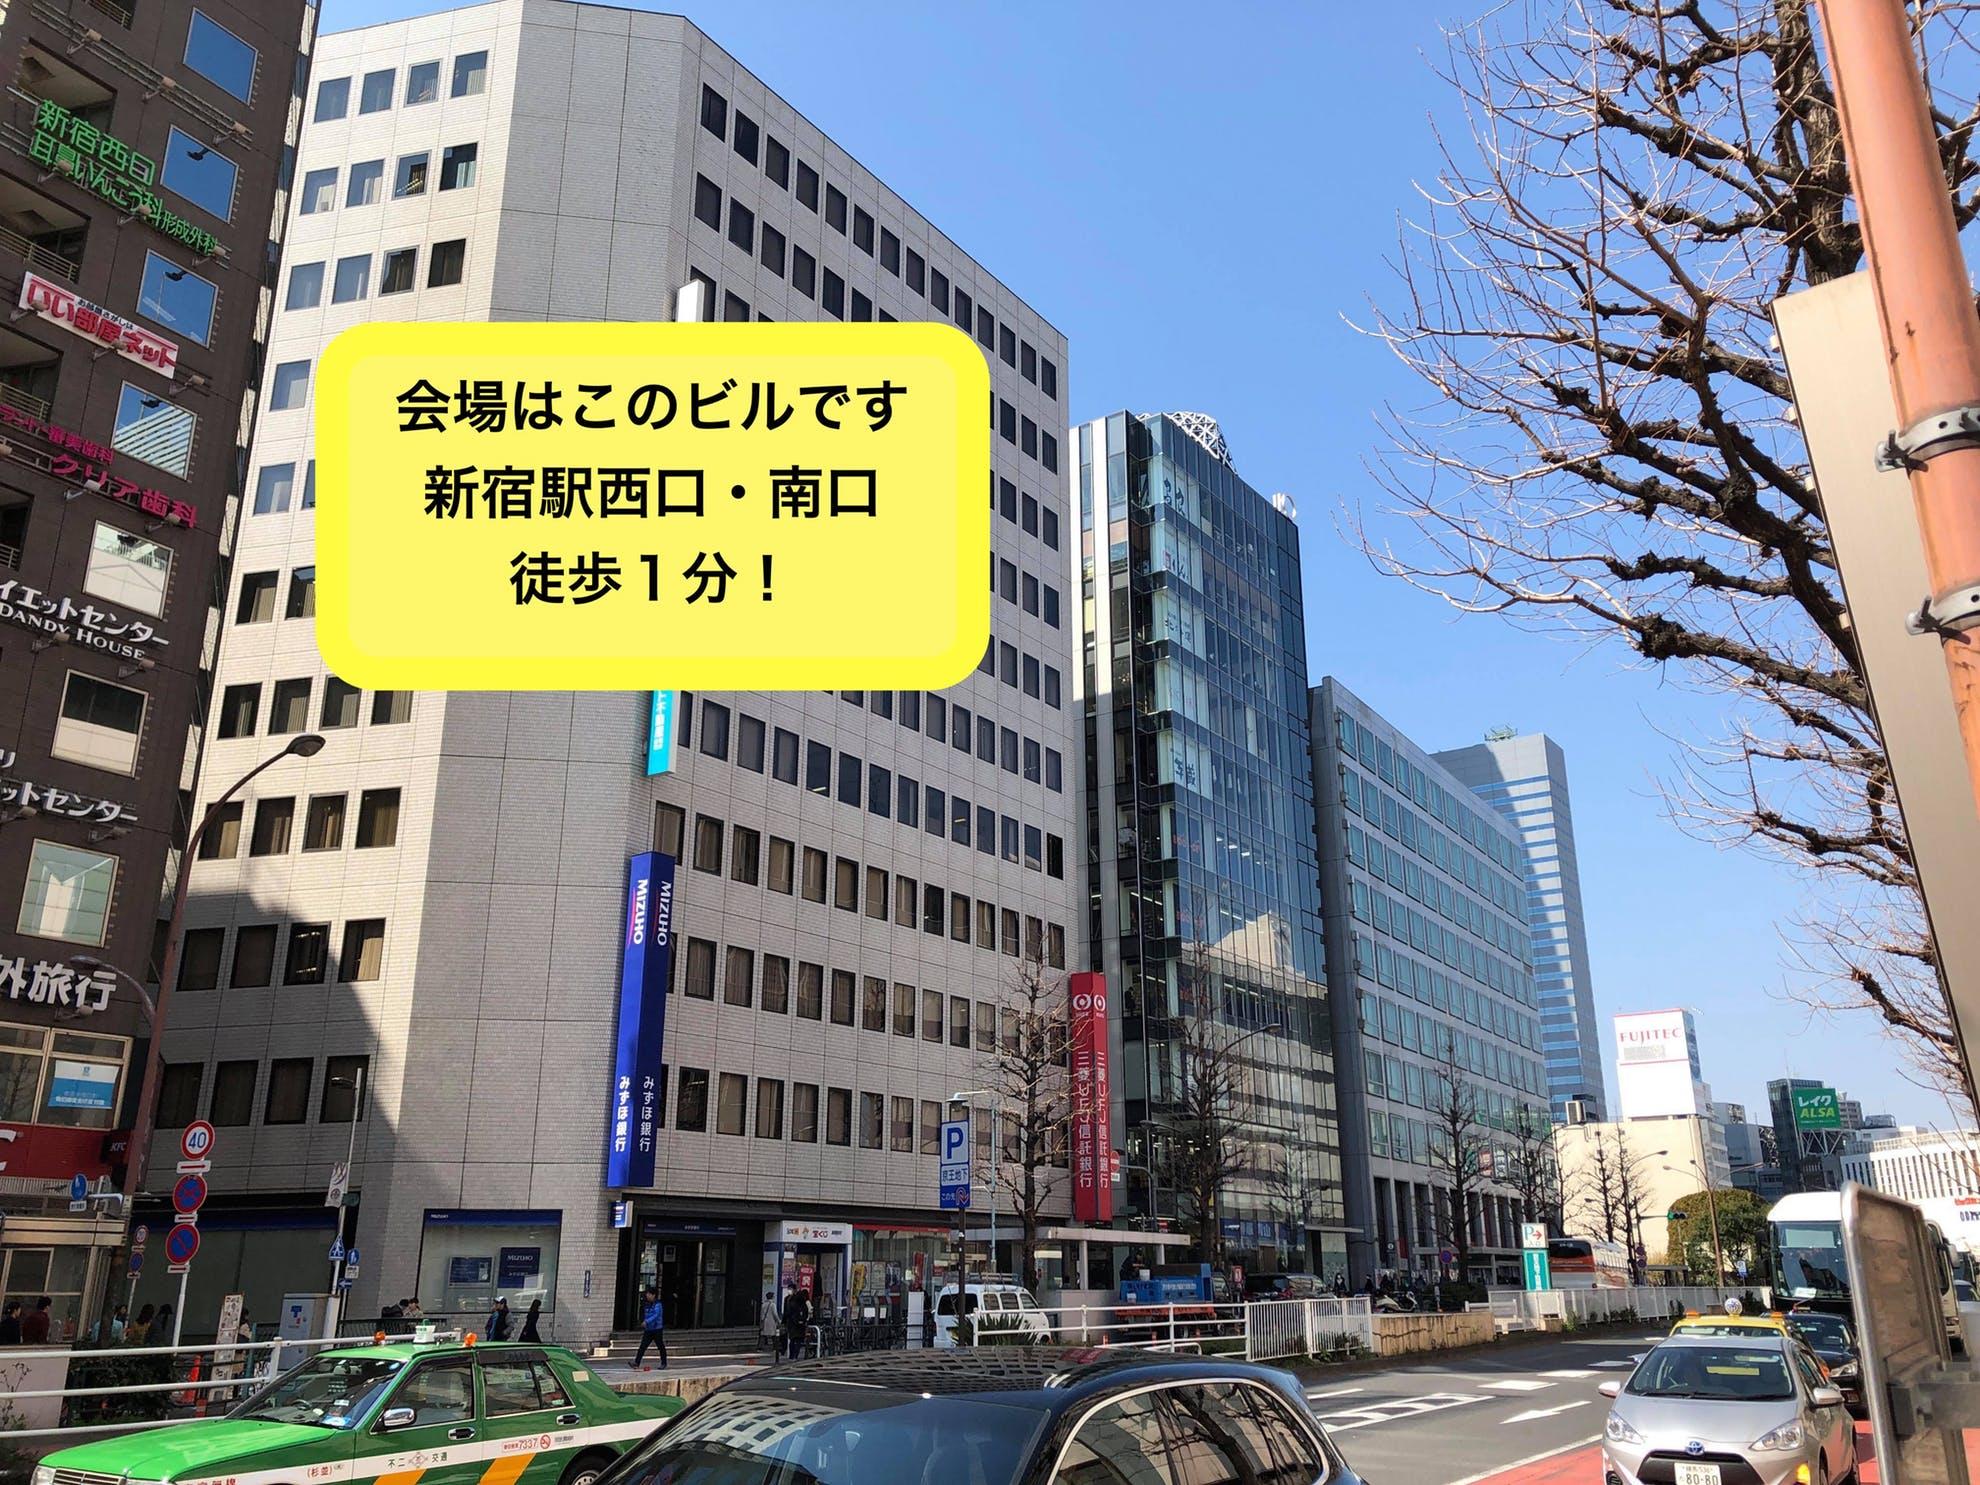 9/17ニーズマッチ・ラーニング支部 第21回月例会